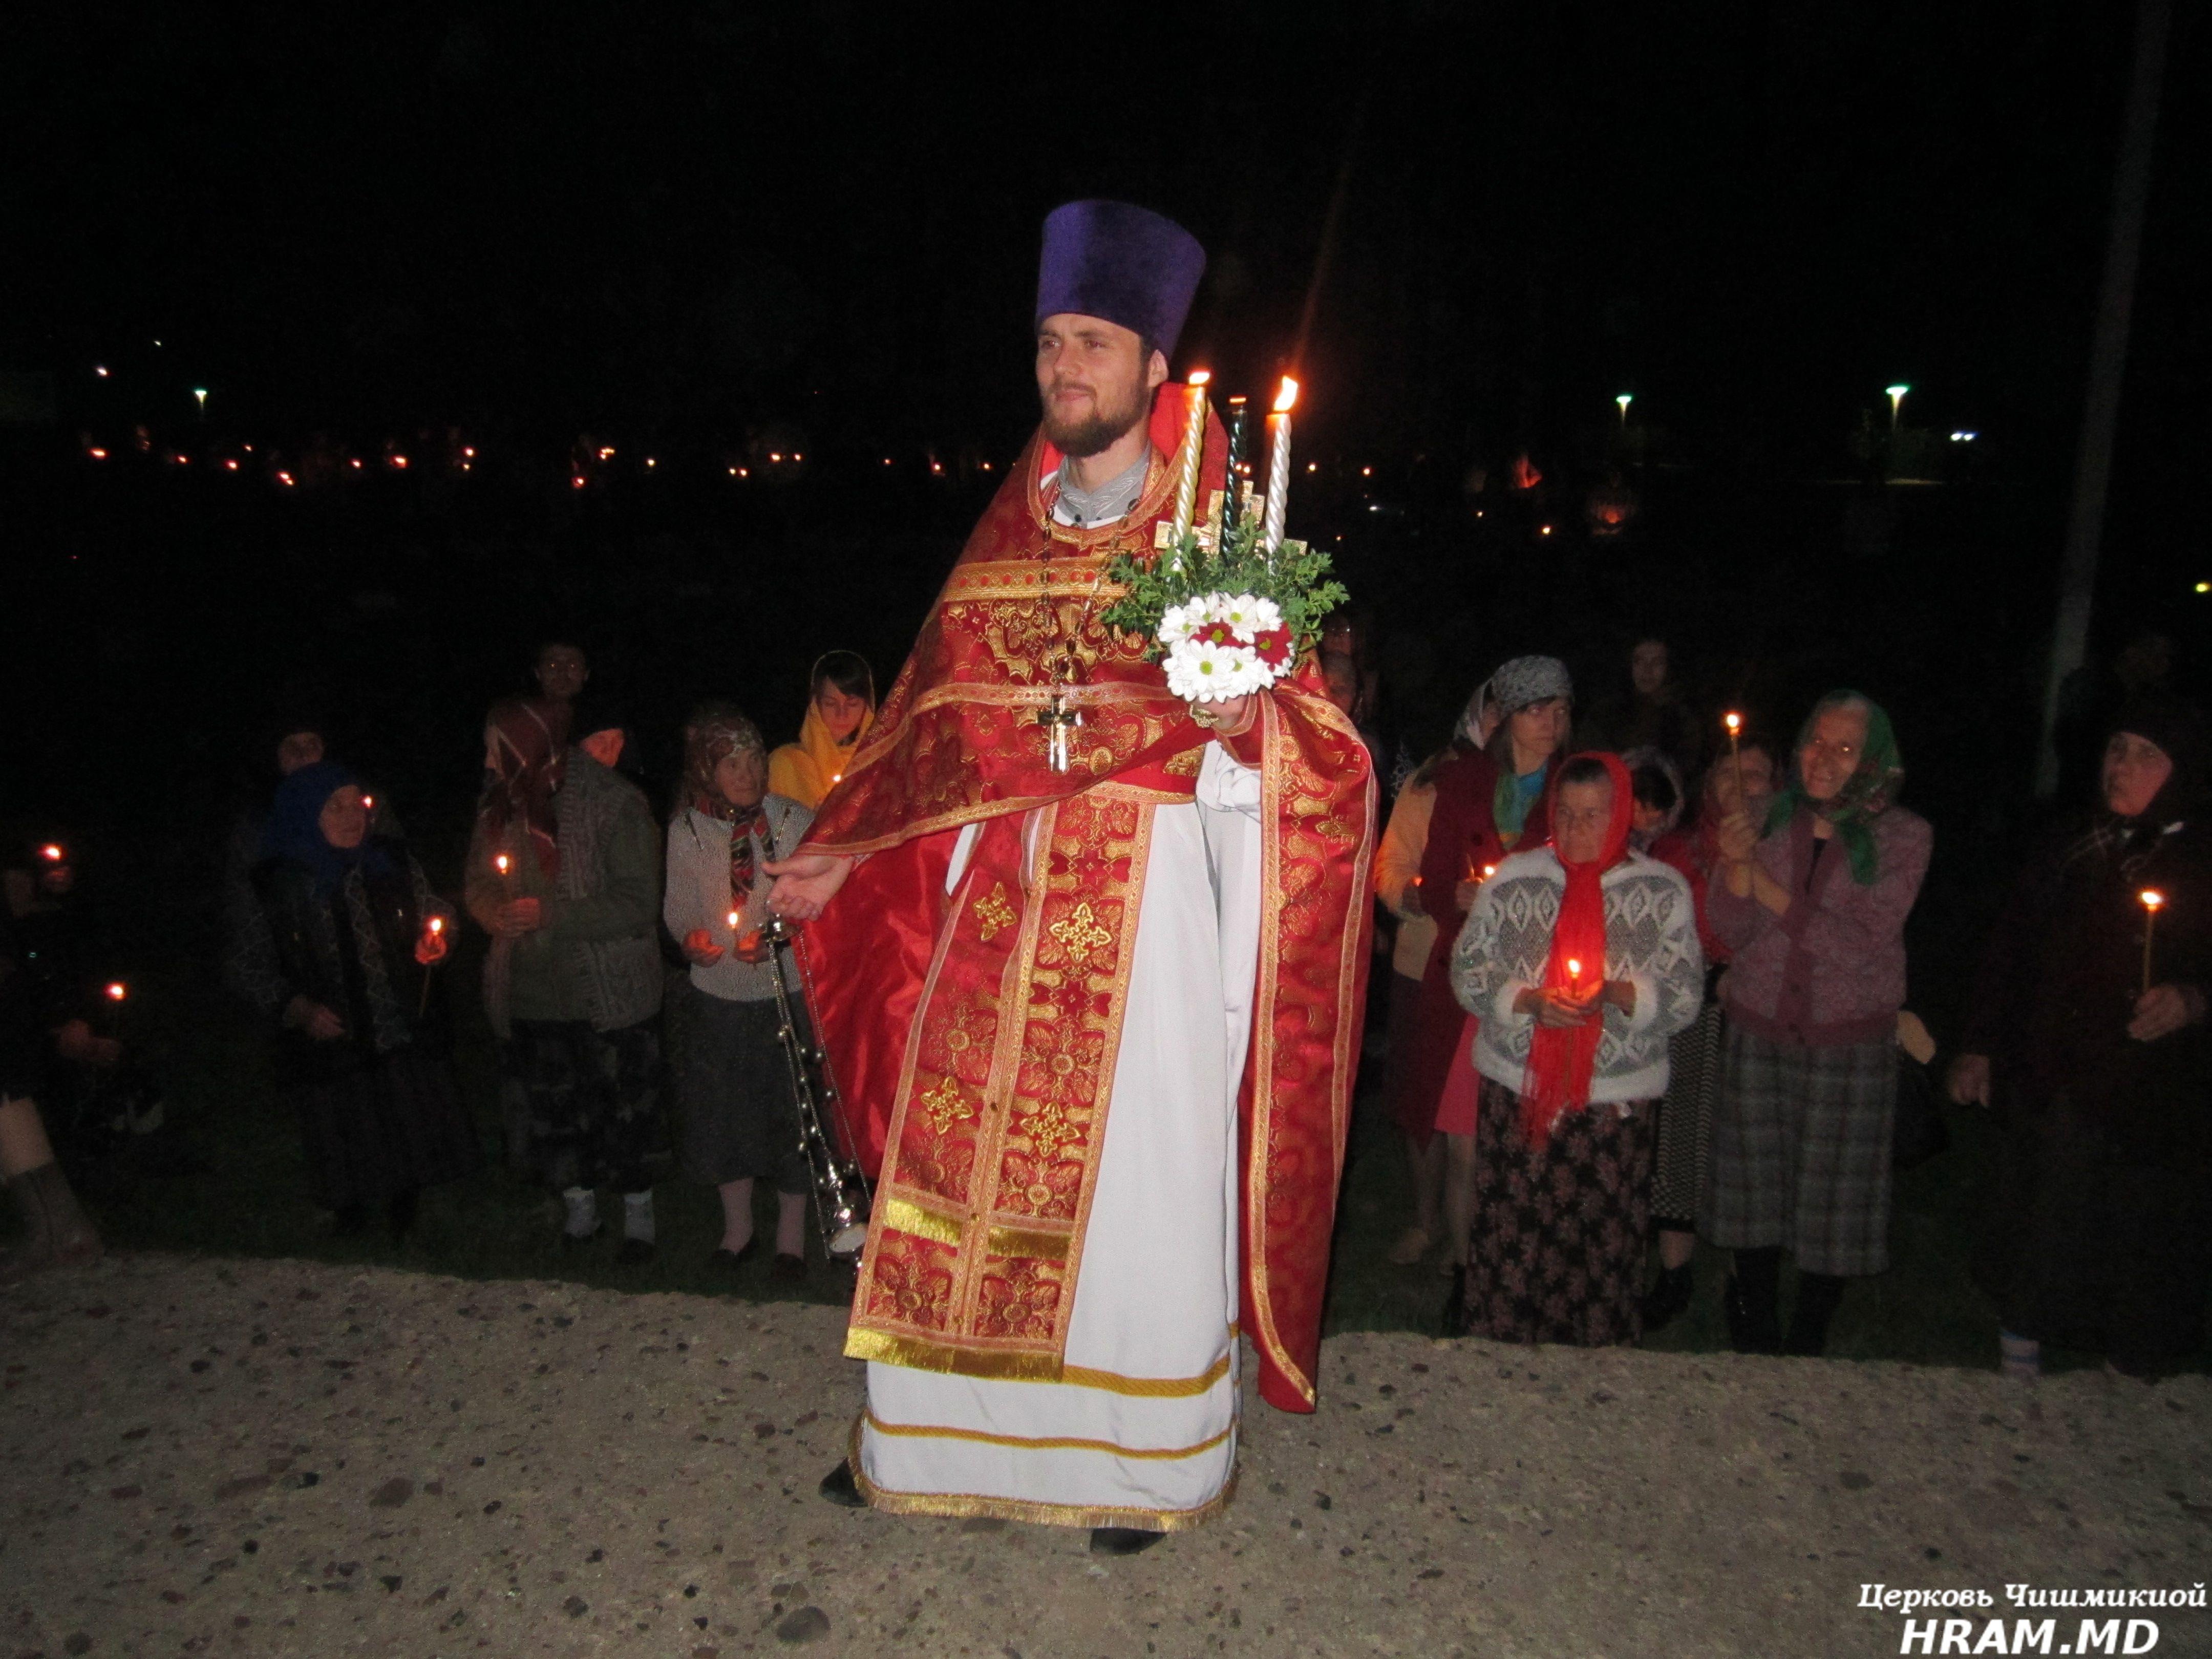 Пасхальная ночь в Успенском храме Чишмикиой